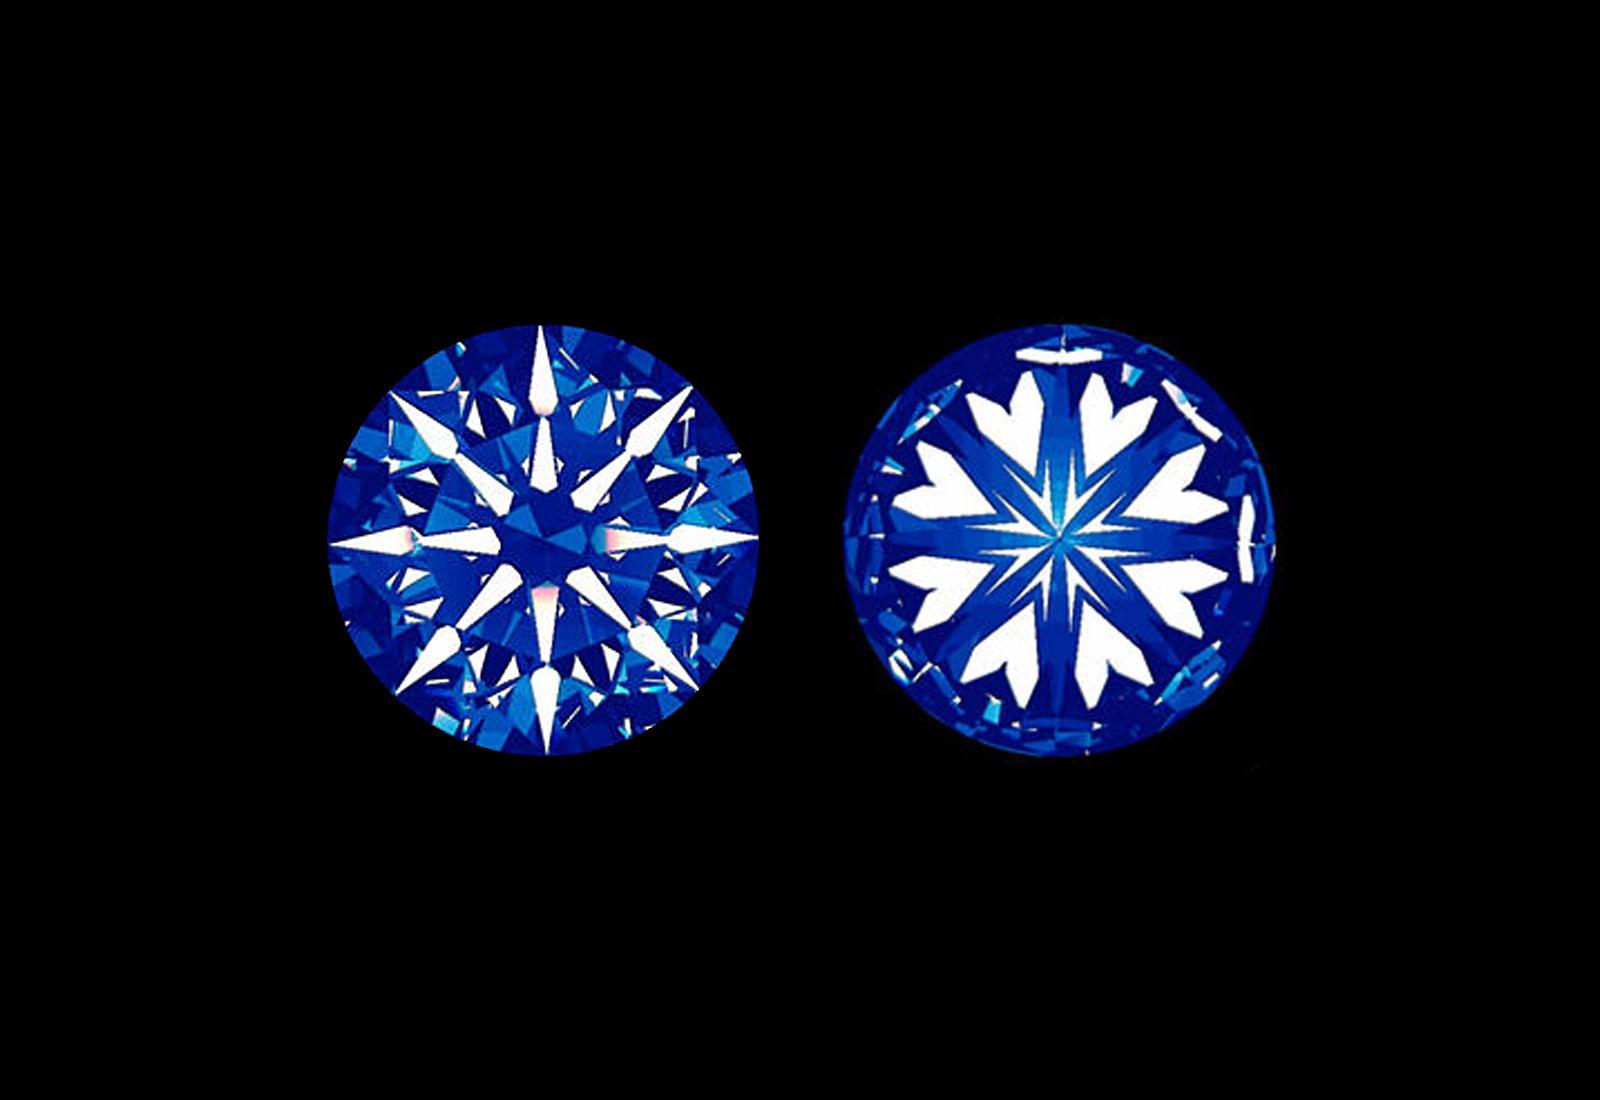 広島県広島市と広島県福山市にある中国エリア最大級のSELECTジュエリーショップヴァニラがご案内する最高品質ダイヤモンドに見えるハート&キュービッドの模様